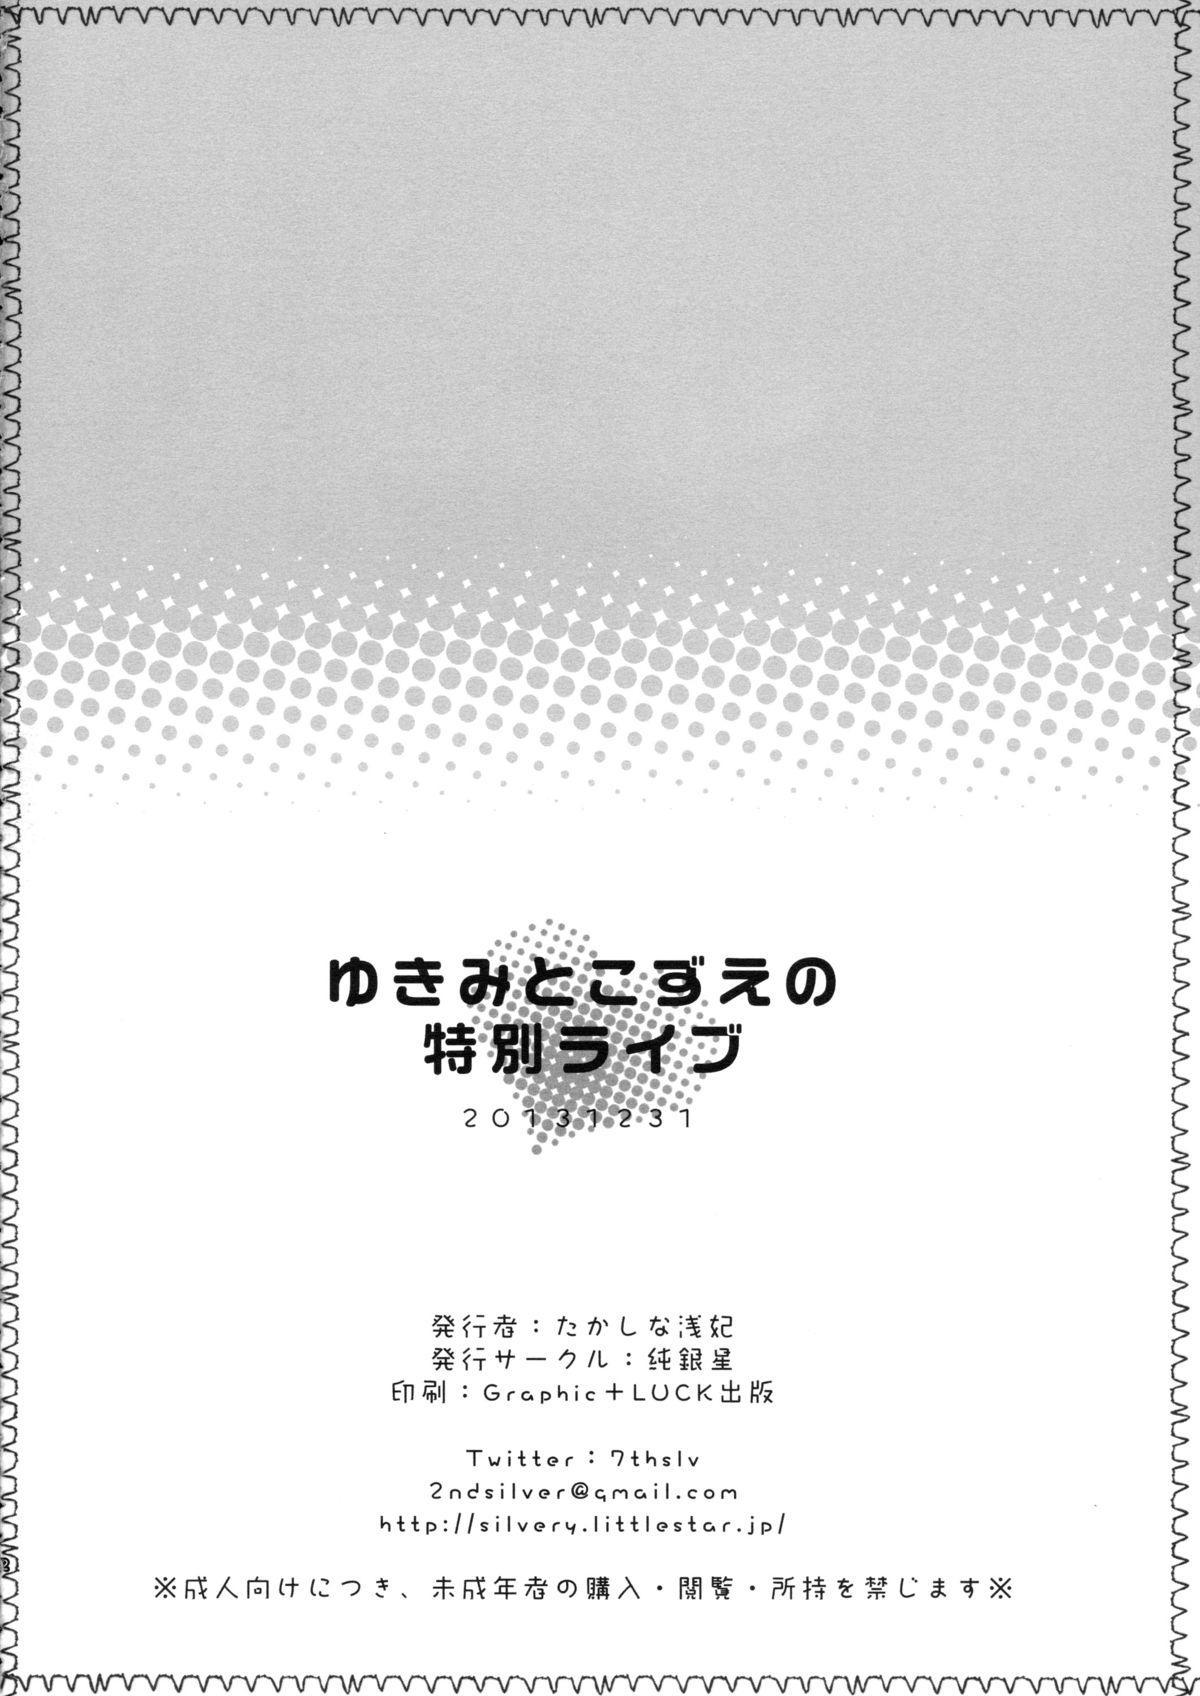 Yukimi To kozue No Tokubetu Live 22